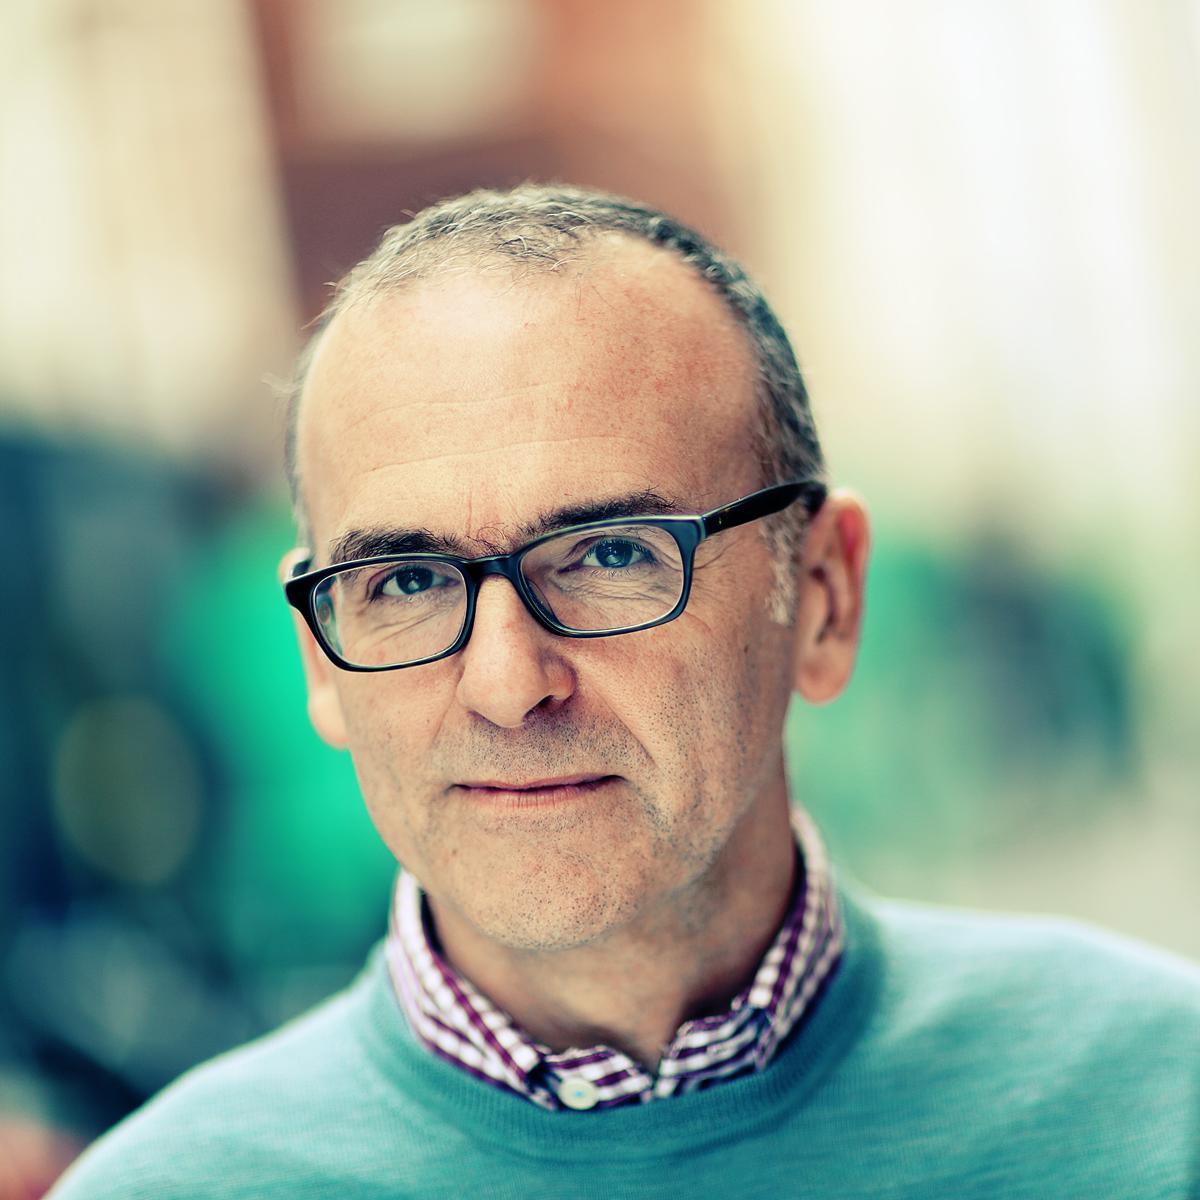 John Owen (Studio of Art & Commerce, London) - a Linkedin headshot by Julian Hanford